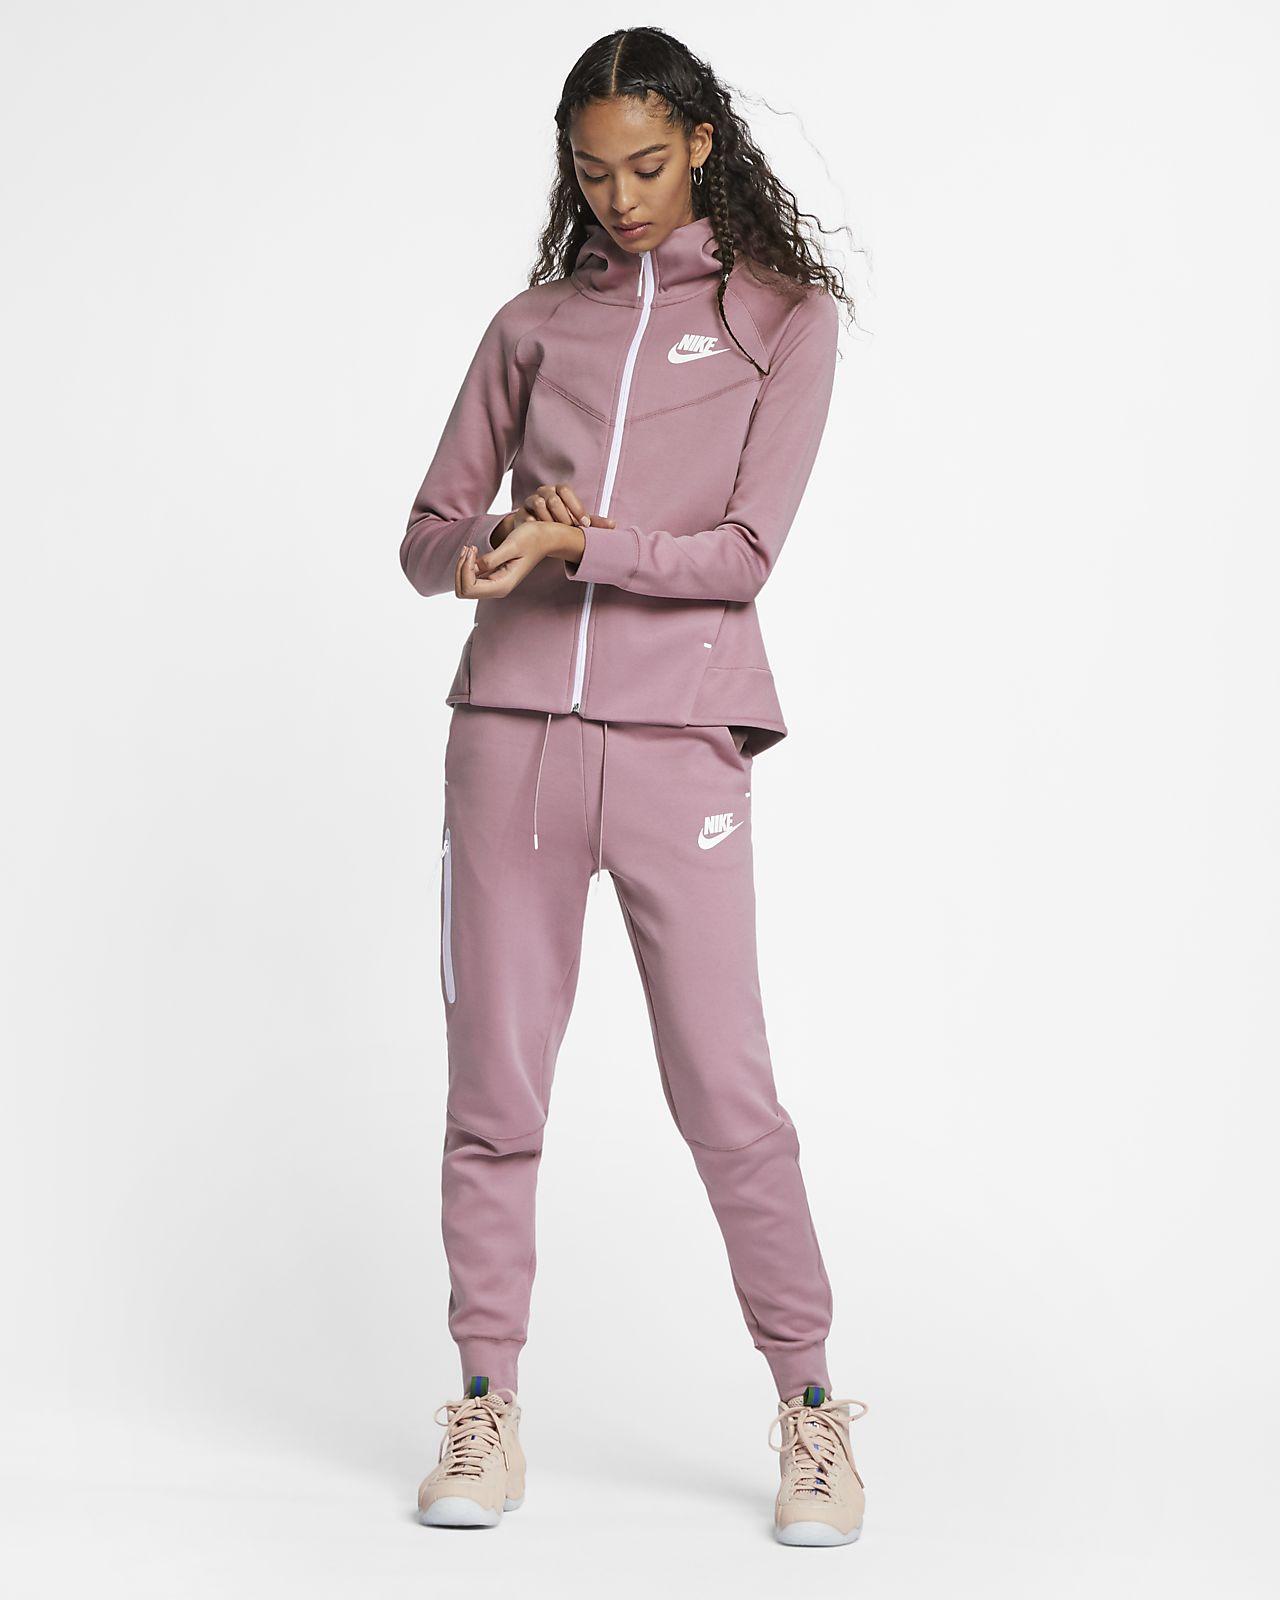 f305ad8e23cc Nike Sportswear Tech Fleece Windrunner Women s Full-Zip Hoodie. Nike ...